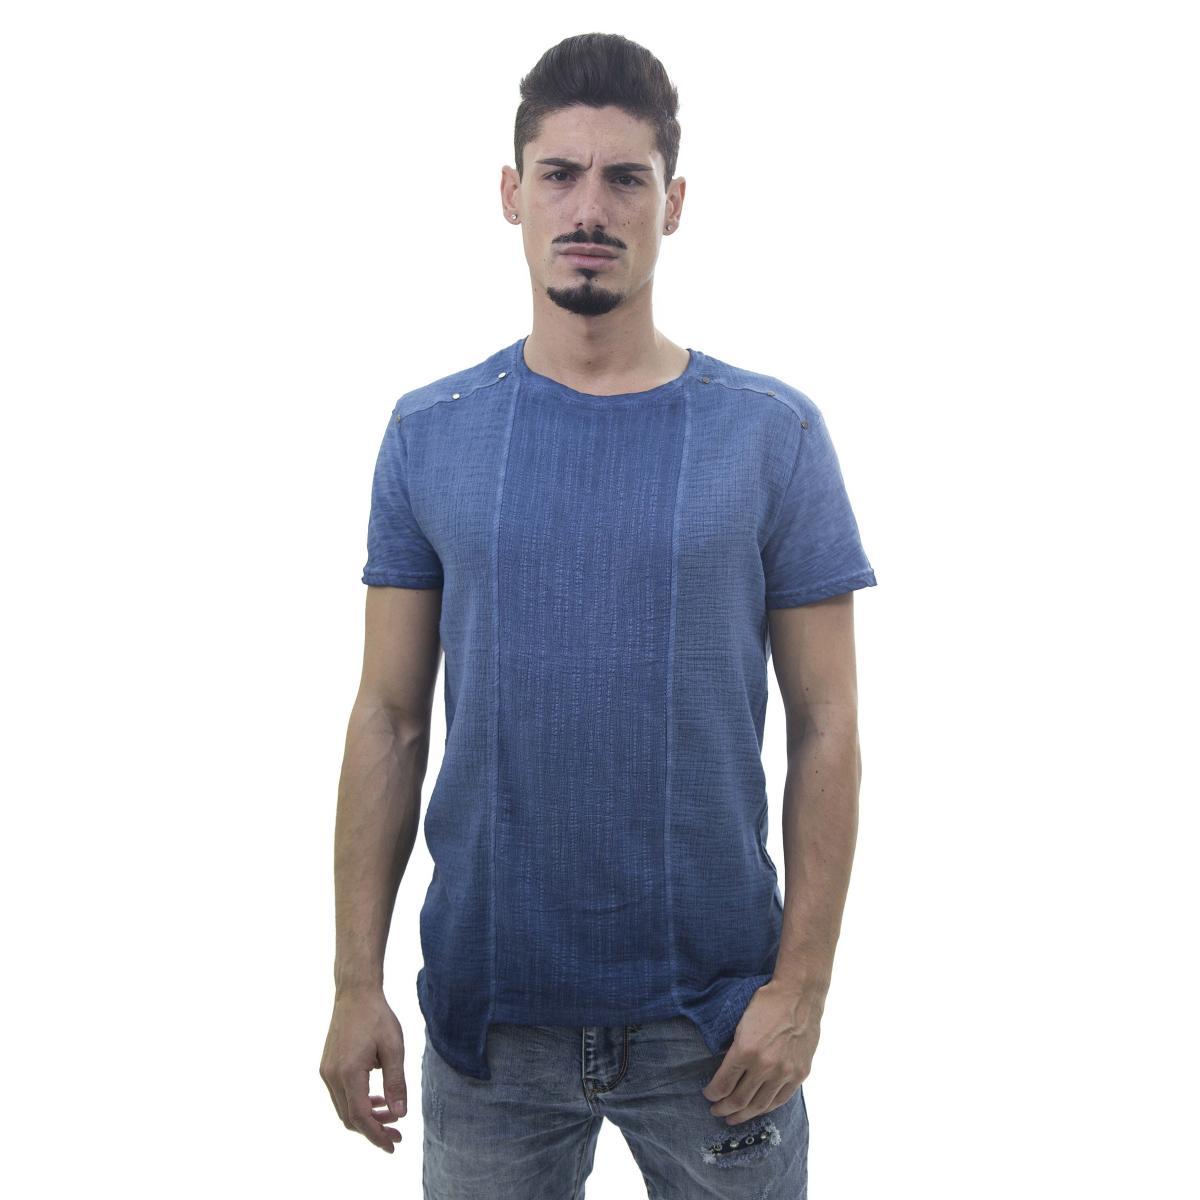 T-Shirt da uomo con fonodo irregolare effetto crespo con borchie